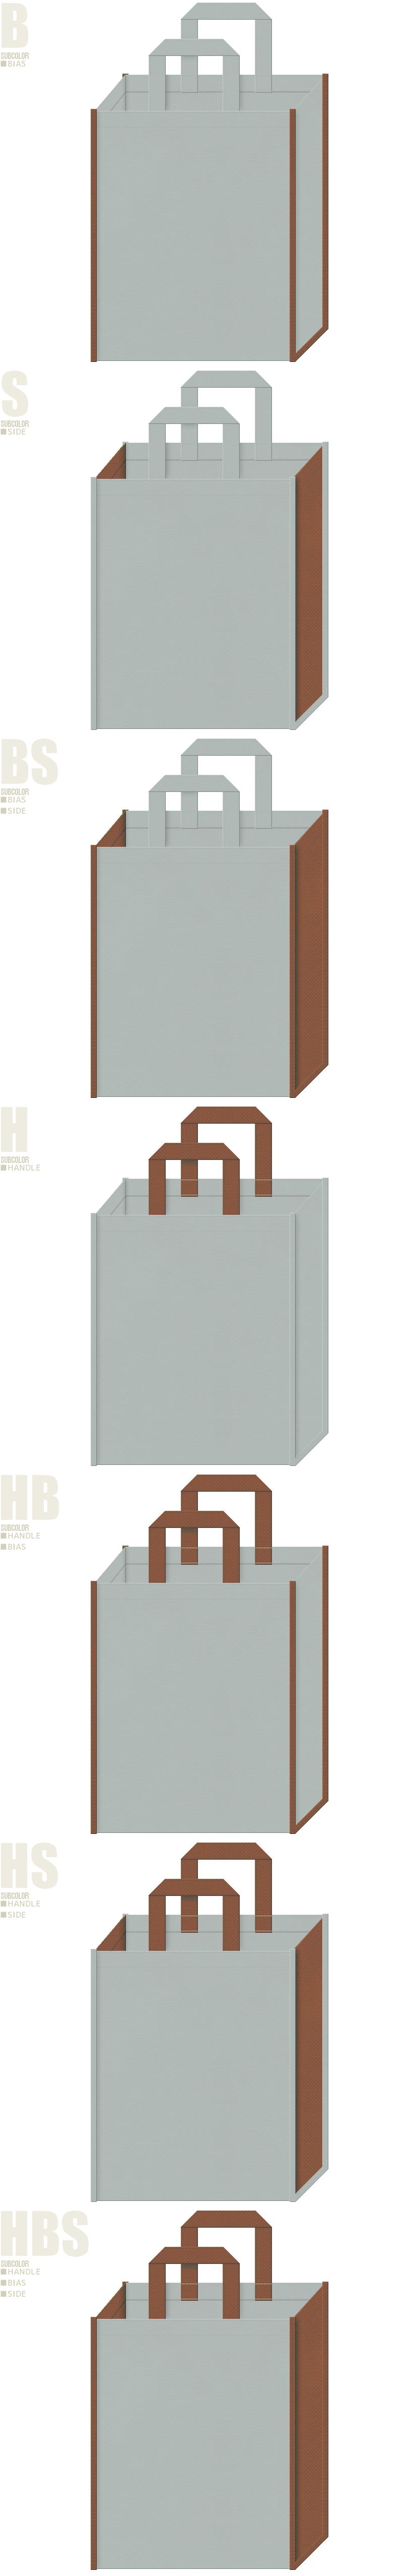 グレー色と茶色-7パターンの不織布トートバッグ配色デザイン例